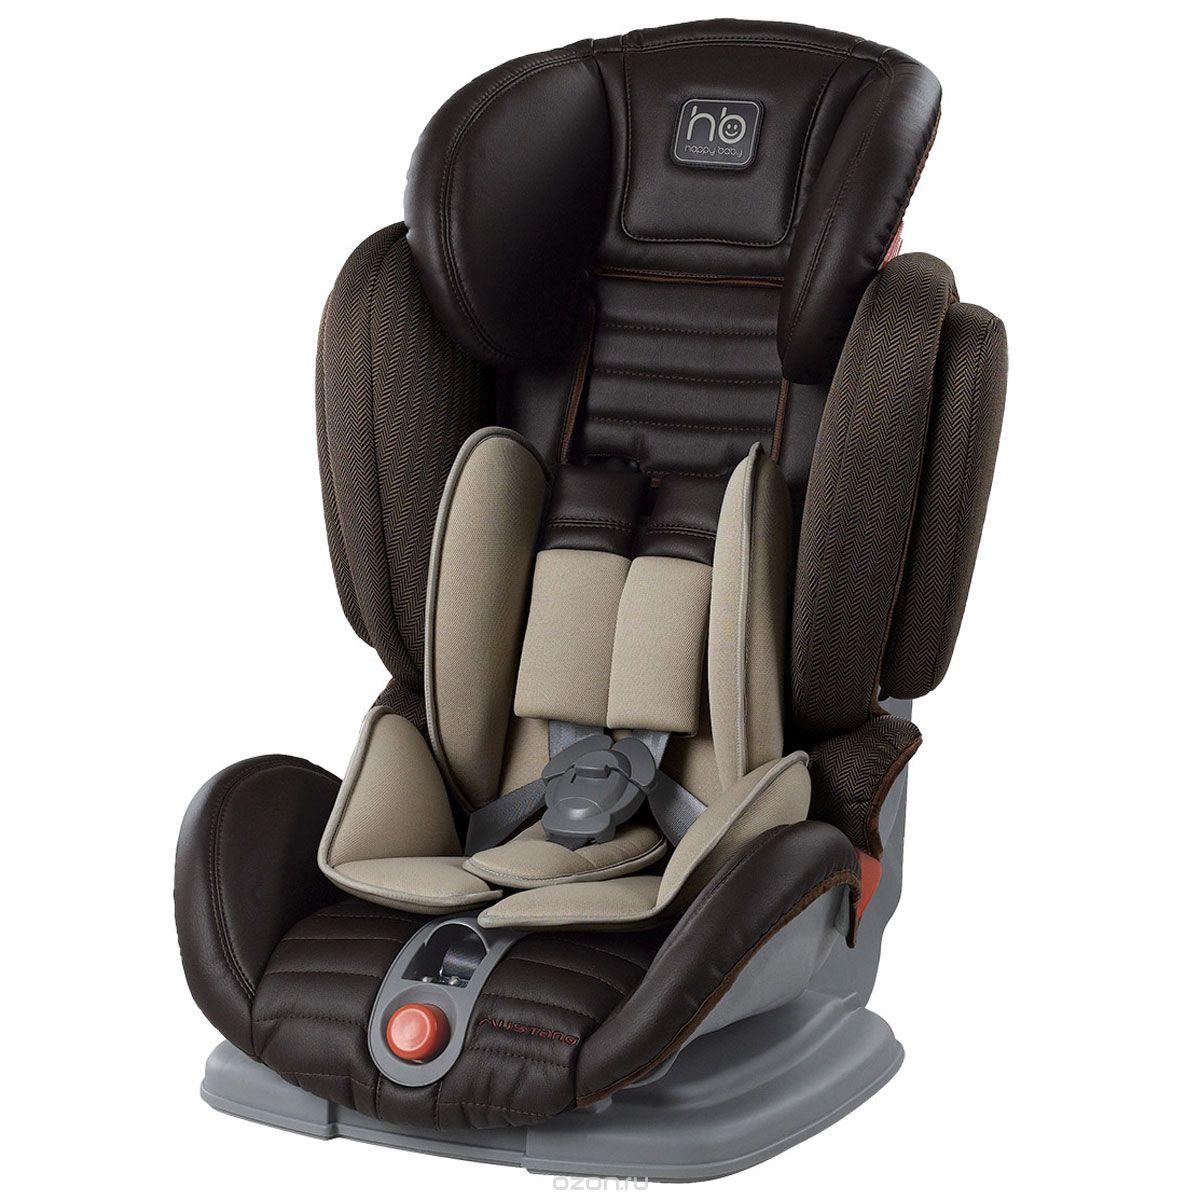 Happy Baby Автокресло Mustang Brown цвет темно-коричневый 9-36 кг4690624016721Стильное и комфортное автокресло Happy Baby Mustang Brown предназначено для детей весом от 9 до 36 килограмм, группы 1/2/3. Кресло имеет прочный каркас и усиленную боковую защиту от ударов. Просторное и комфортное анатомическое сиденье имеет пятиточечные ремни безопасности с мягкими накладками, которые регулируются под рост ребенка. Ремни безопасности автокресла необходимы, пока ребенок не достигнет 5-летнего возраста, далее необходимо пользоваться автомобильными ремнями безопасности. В таком кресле ваш ребенок будет чувствовать себя уютно и безопасно.